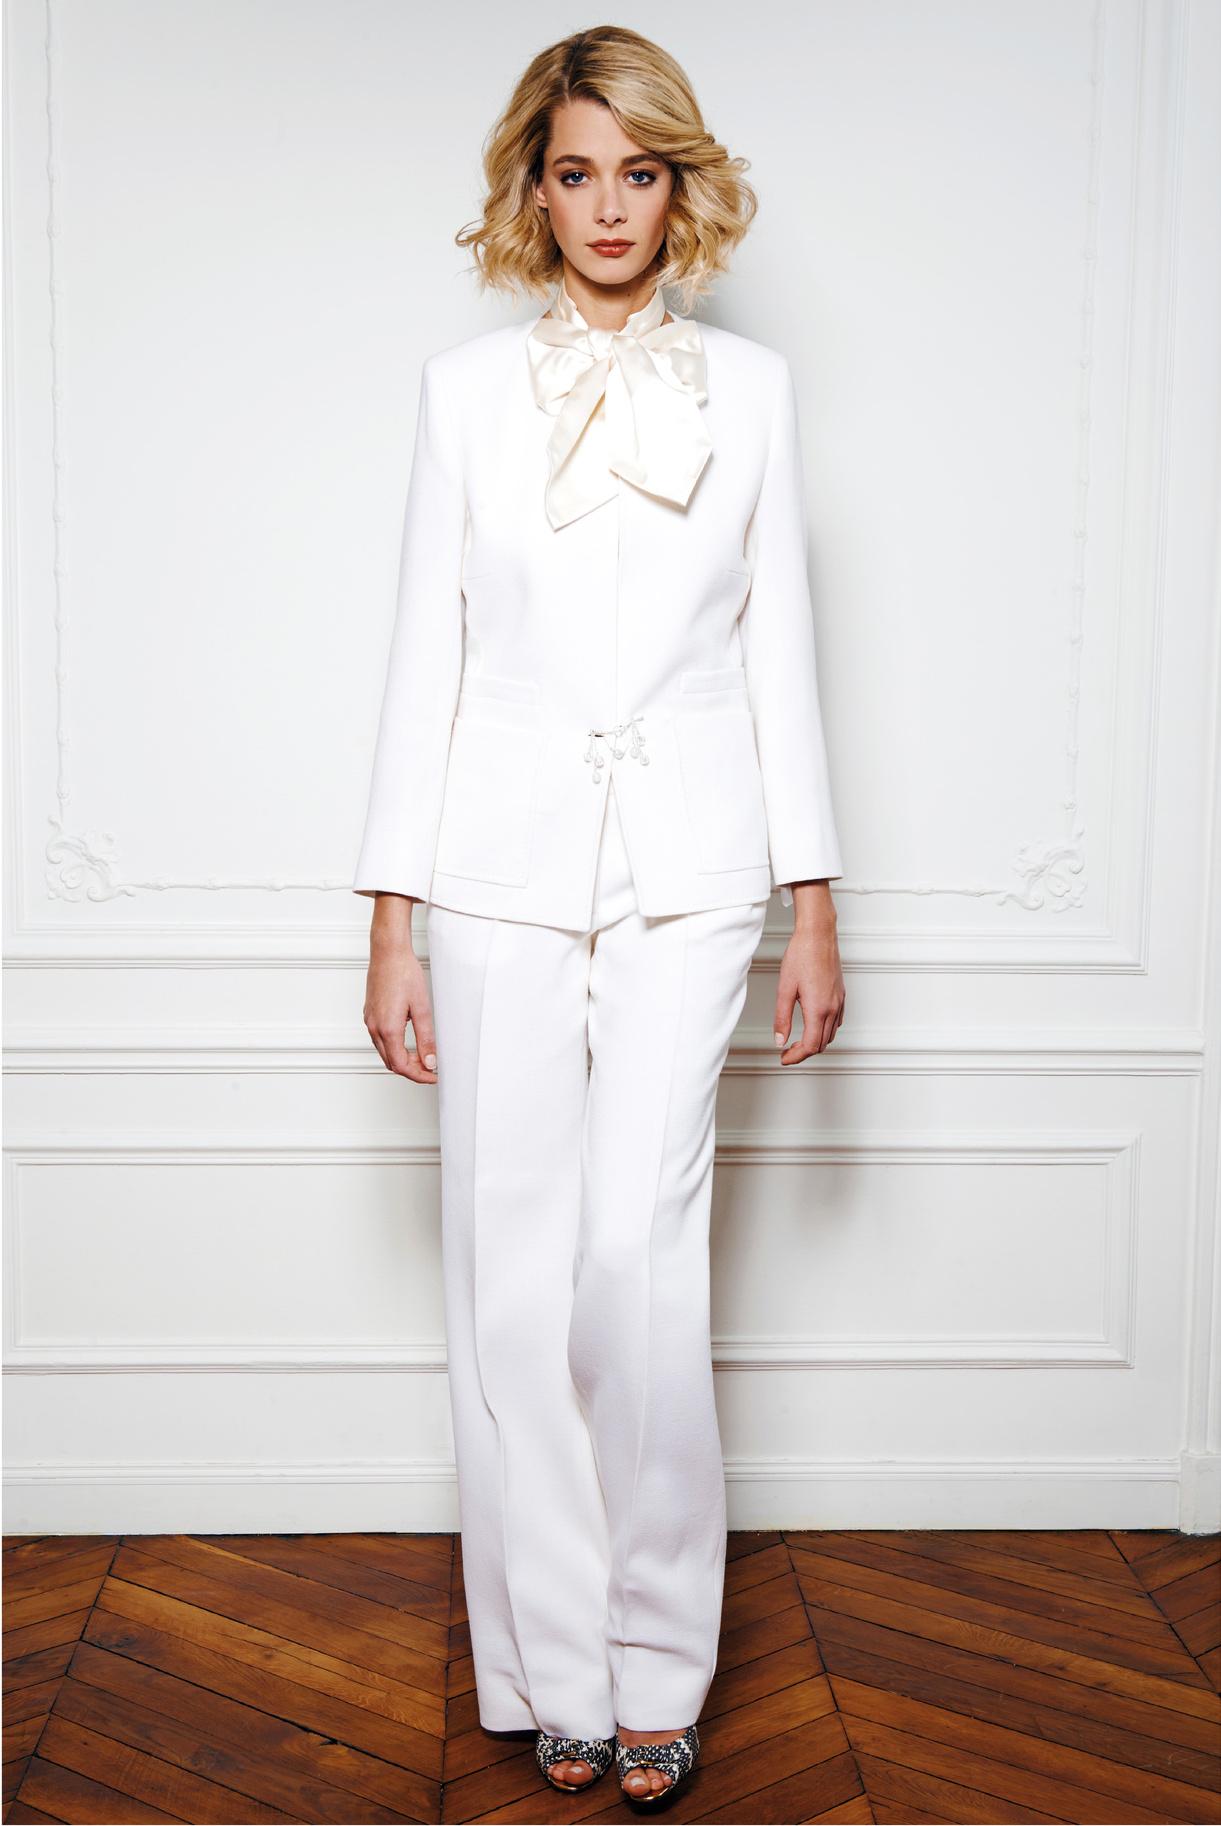 Tailleur pantalon blanc pour mariée pour mariée